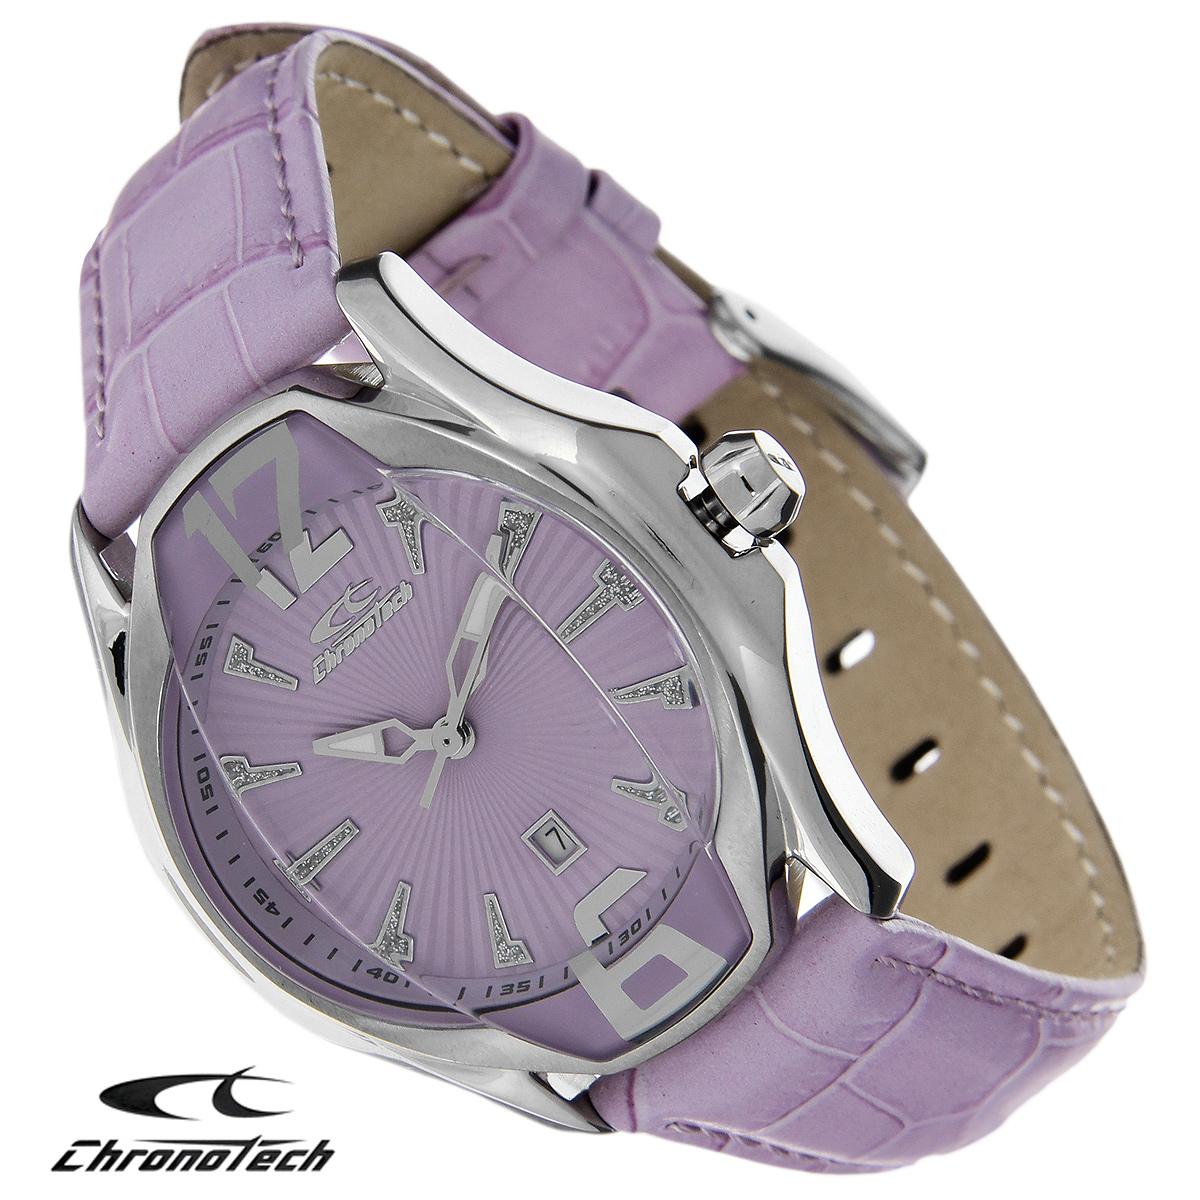 Часы женские наручные Chronotech, цвет: сиреневый. RW0028RW0028Часы Chronotech - это часы для современных и стильных девушек, которые стремятся выделиться из толпы и подчеркнуть свою индивидуальность. Корпус часов выполнен из нержавеющей стали. Циферблат оформлен отметками, декорированными блестками, и защищен минеральным стеклом. Часы имеют три стрелки - часовую, минутную и секундную. Стрелки светятся в темноте. Часы имеют индикатор даты. Ремешок часов выполнен из натуральной кожи и застегивается на классическую застежку. Часы упакованы в фирменную коробку с логотипом компании Chronotech. Такой аксессуар добавит вашему образу стиля и подчеркнет безупречный вкус своей владелицы. Характеристики: Диаметр циферблата: 2,9 см. Размер корпуса: 3,5 см х 4,3 см х 1 см. Длина ремешка (с корпусом): 23 см. Ширина ремешка: 1,7 см.